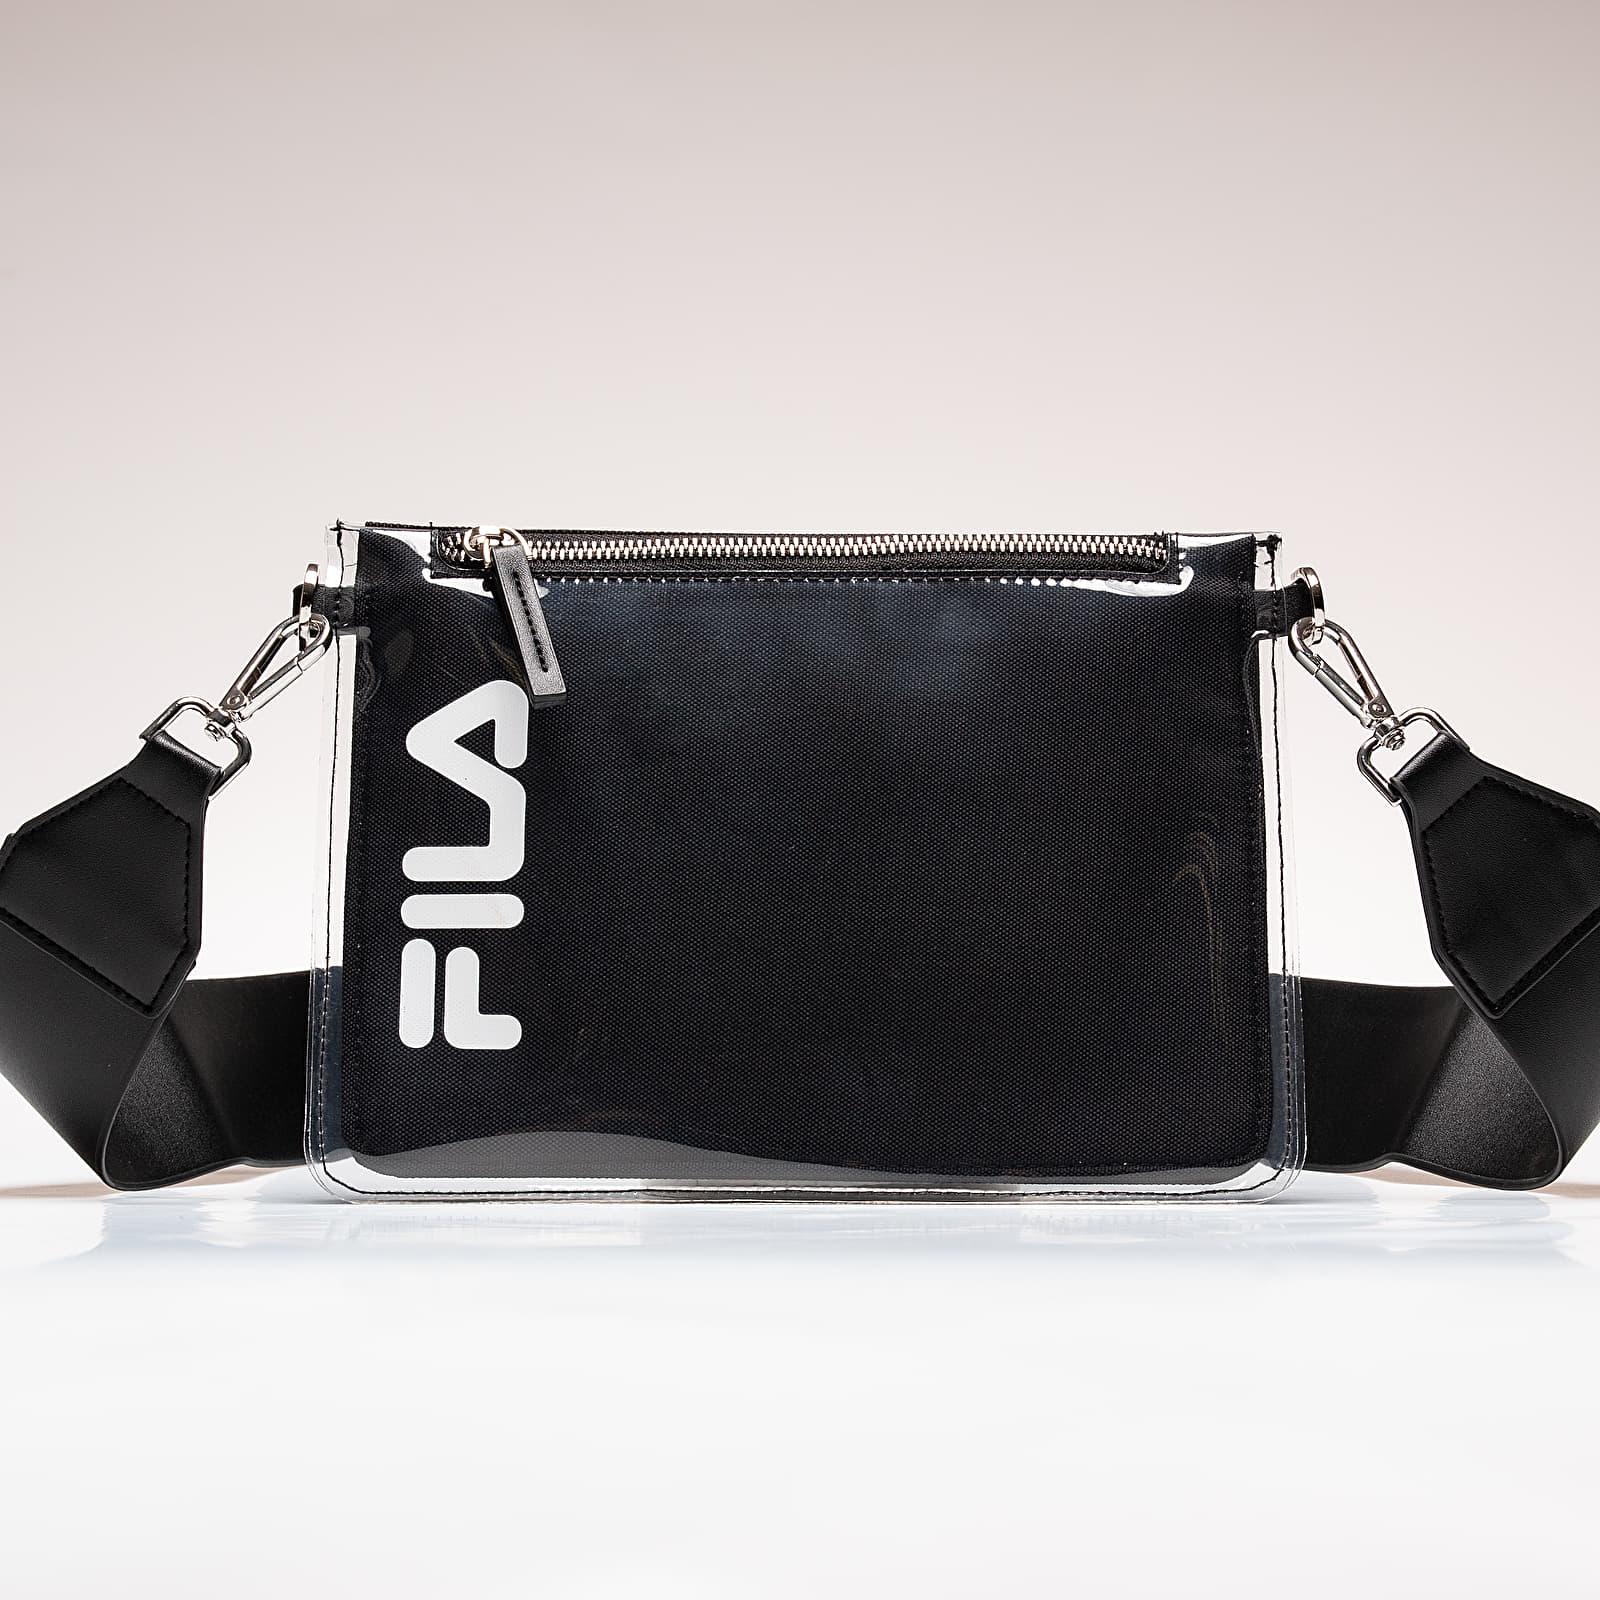 Sacs FILA Transparent Cross Body Bag Black